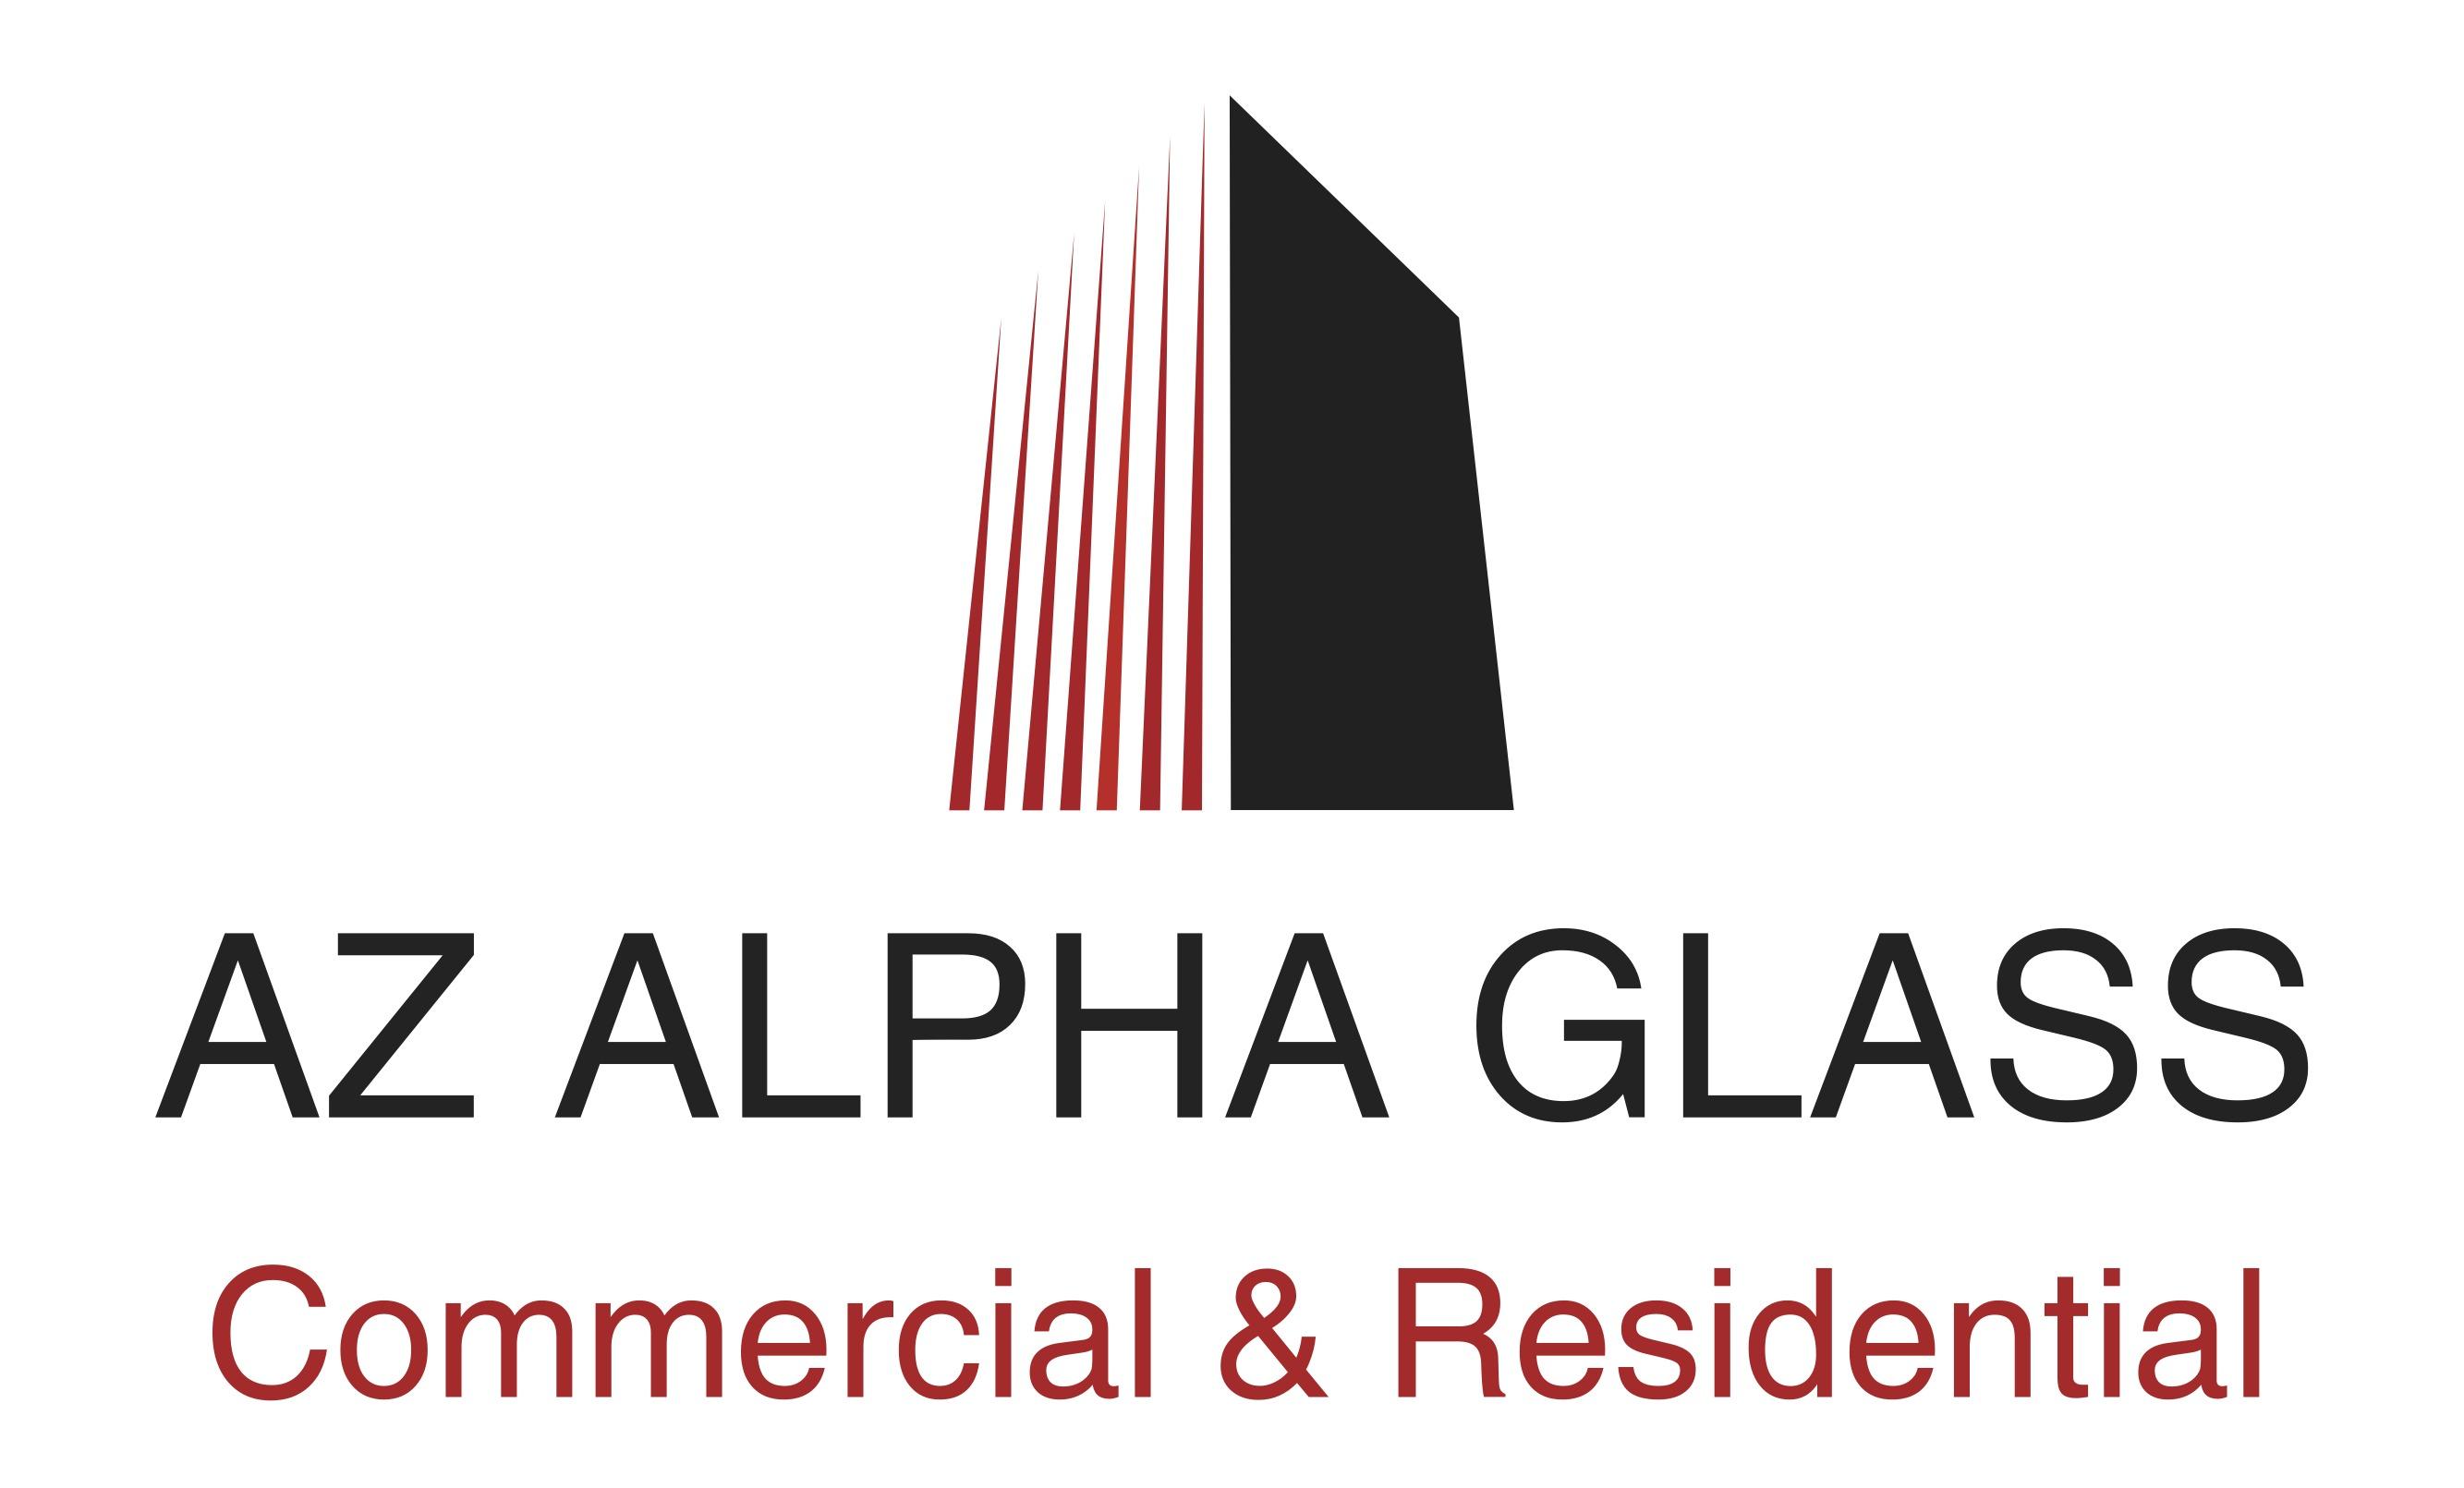 AZ ALPHA GLASS